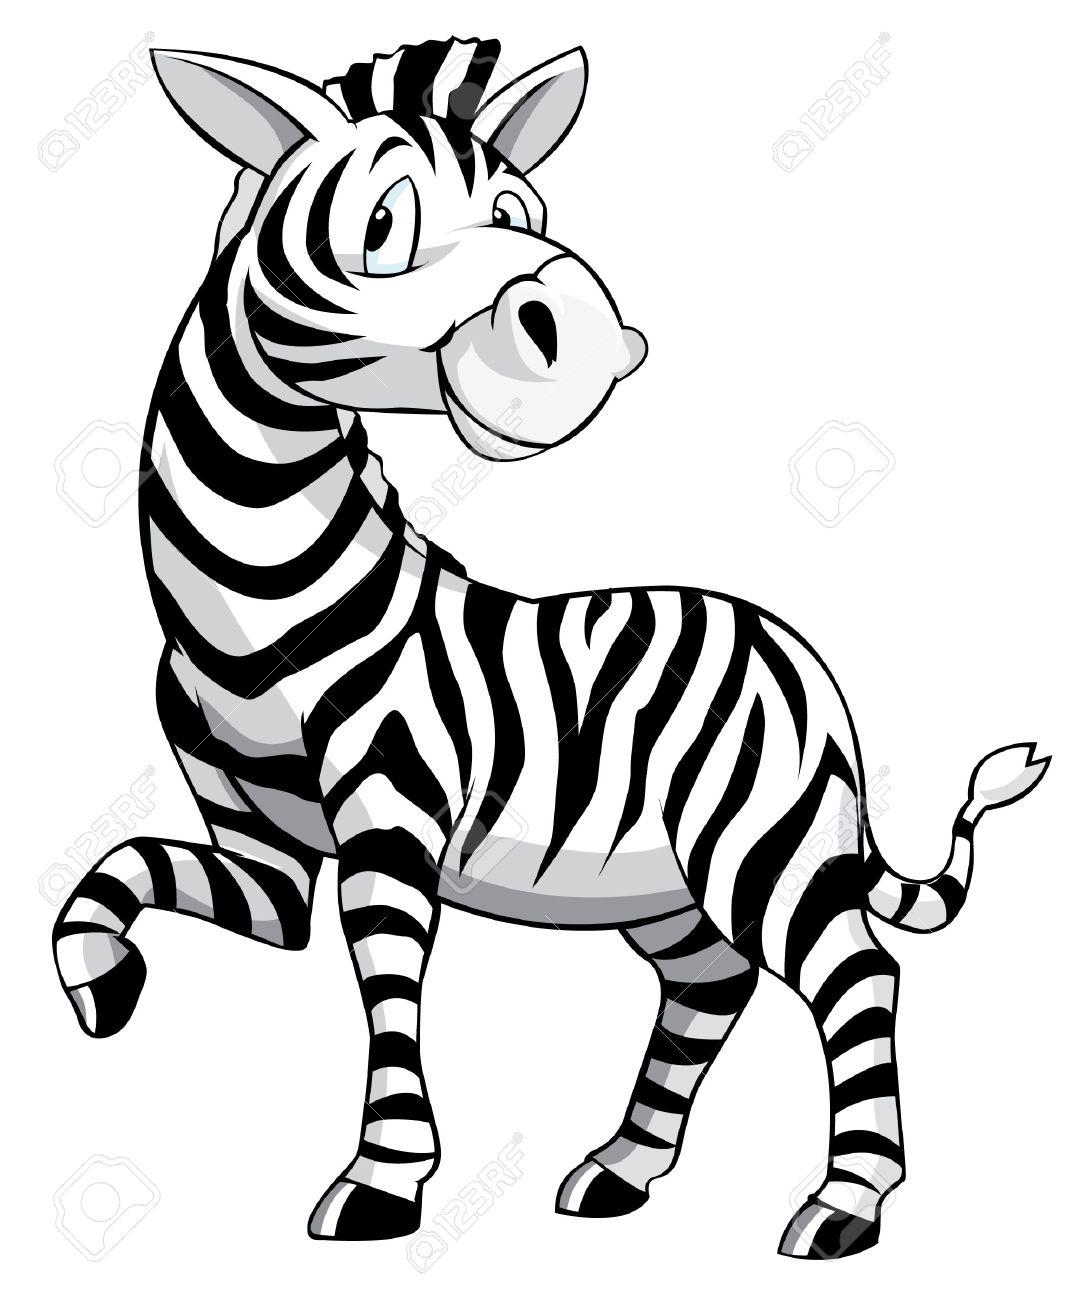 Zebra Cartoon - 32490020